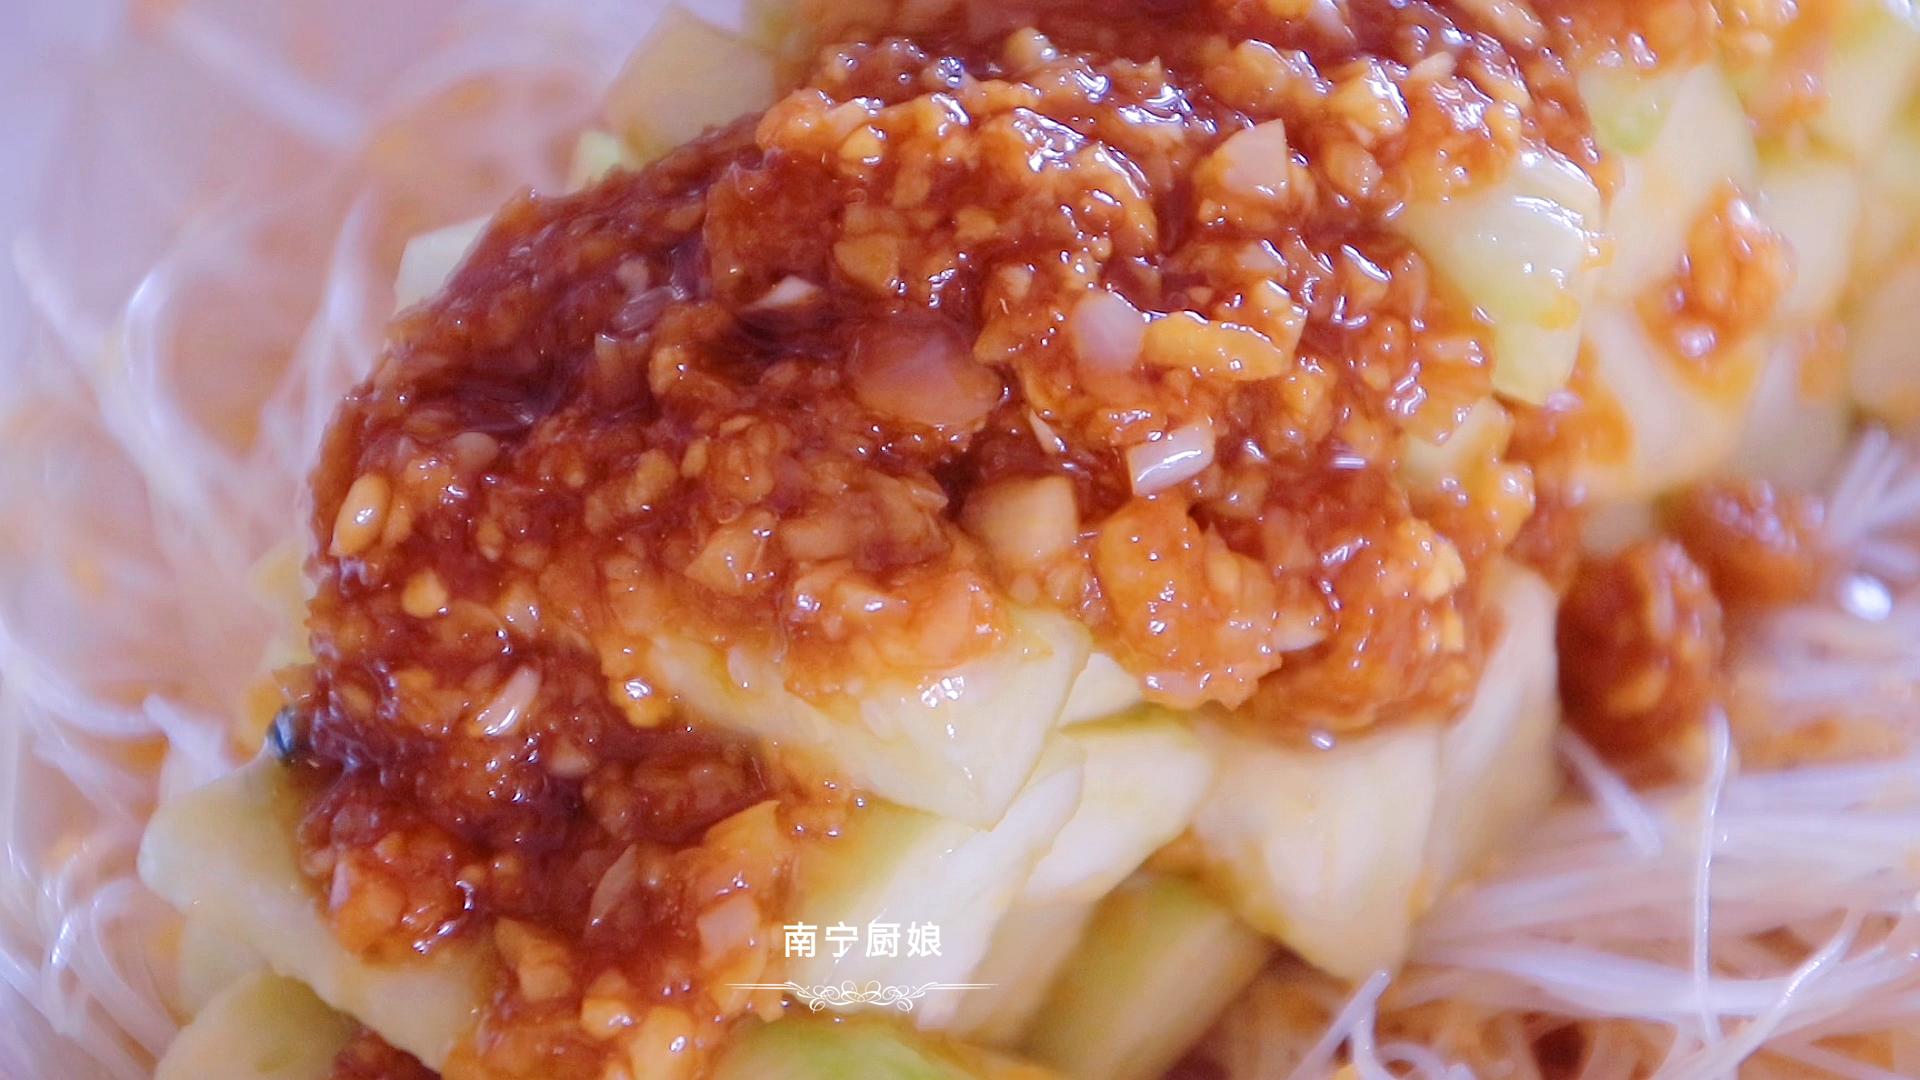 丝瓜别只会打汤了,大厨教你新做法,鲜香美味,吃上一口鲜掉舌头